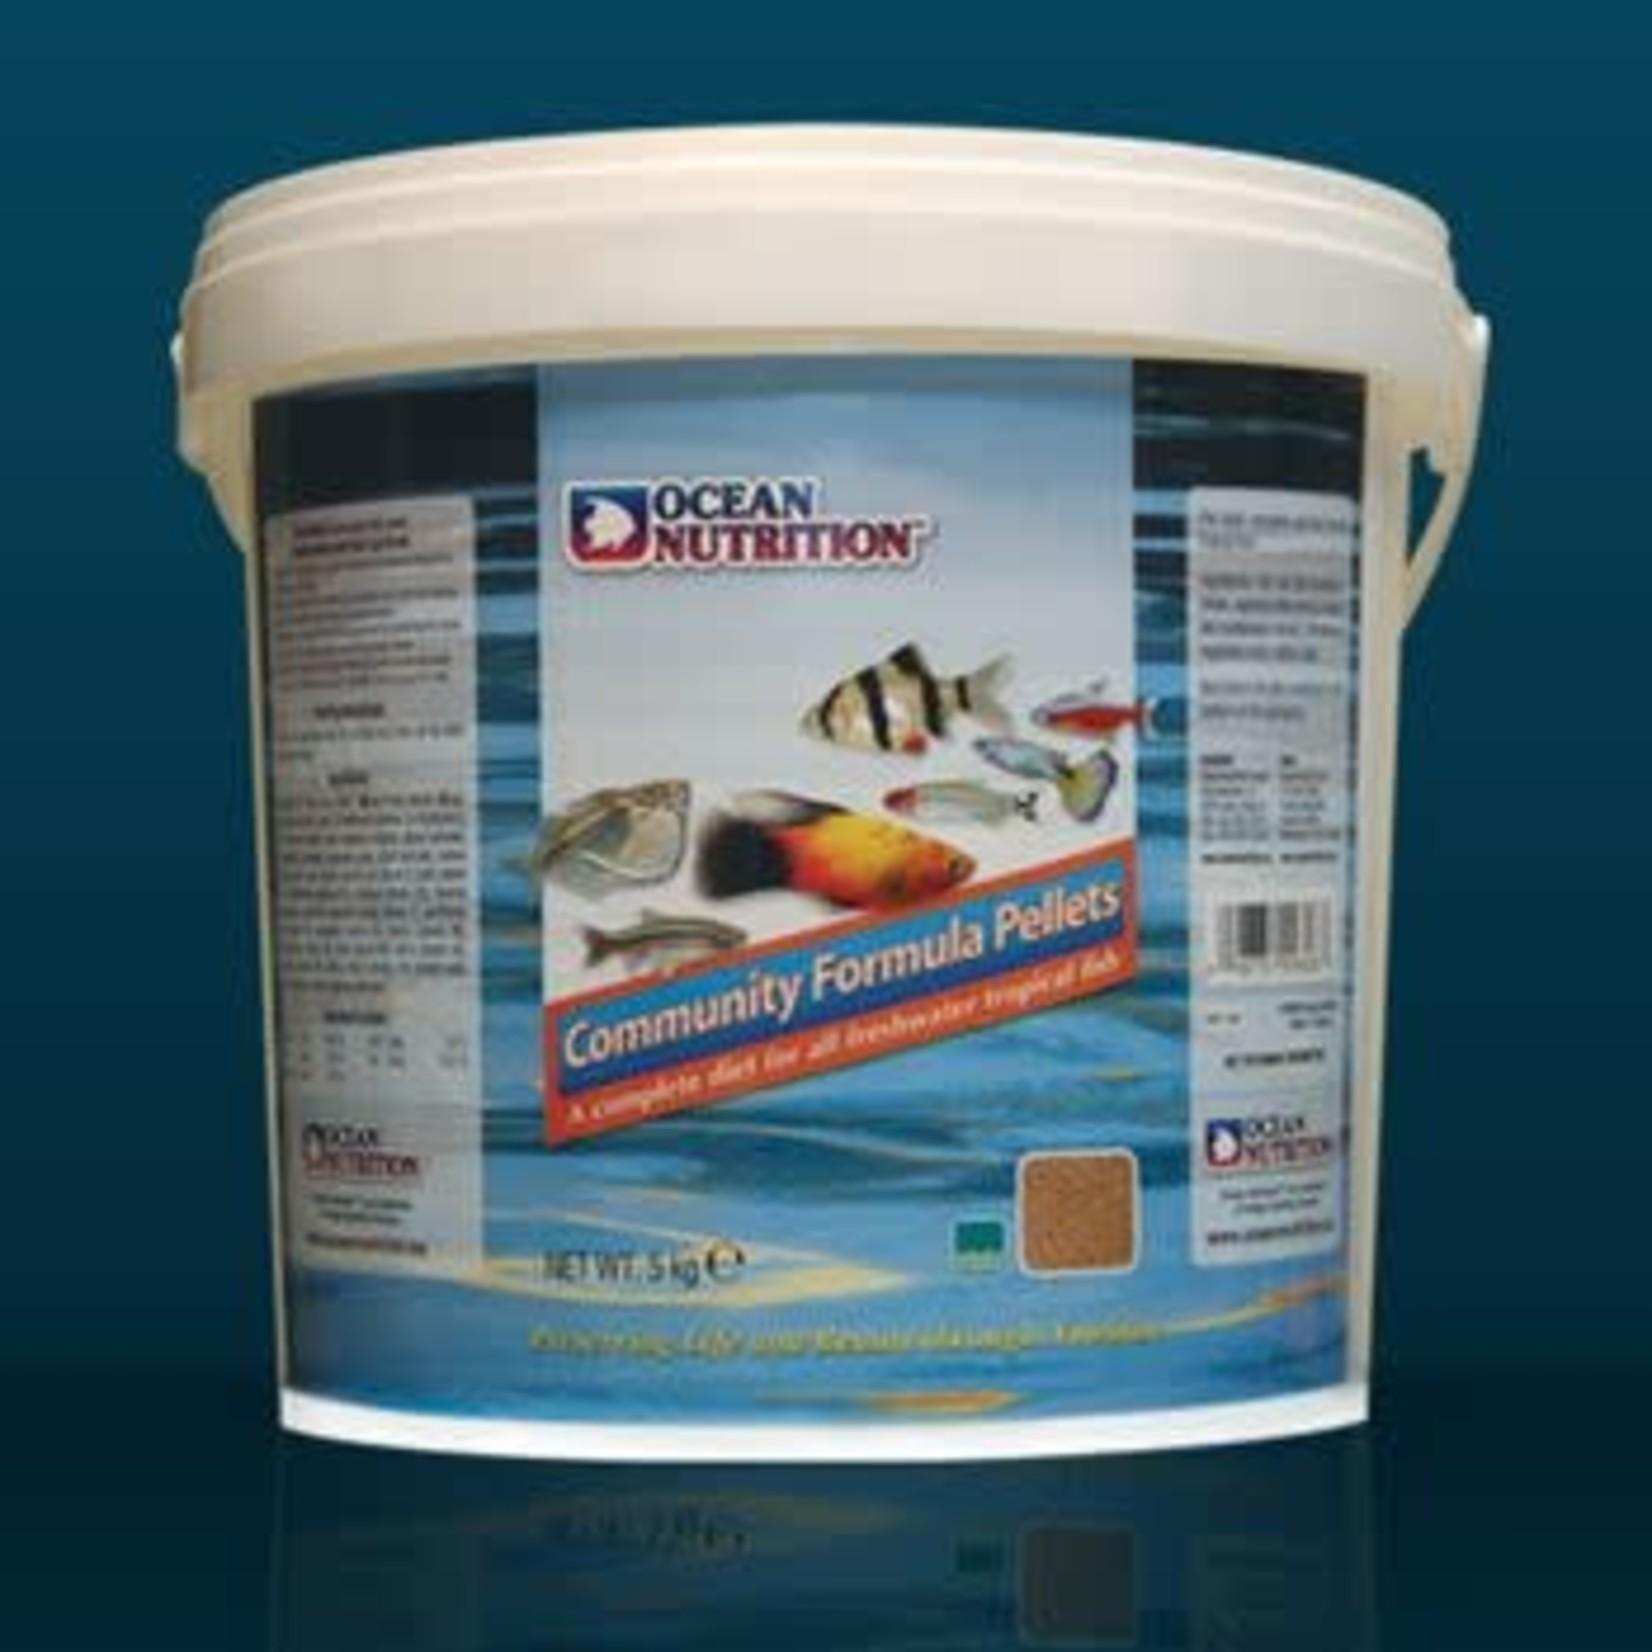 Ocean Nutrition Community Pellet